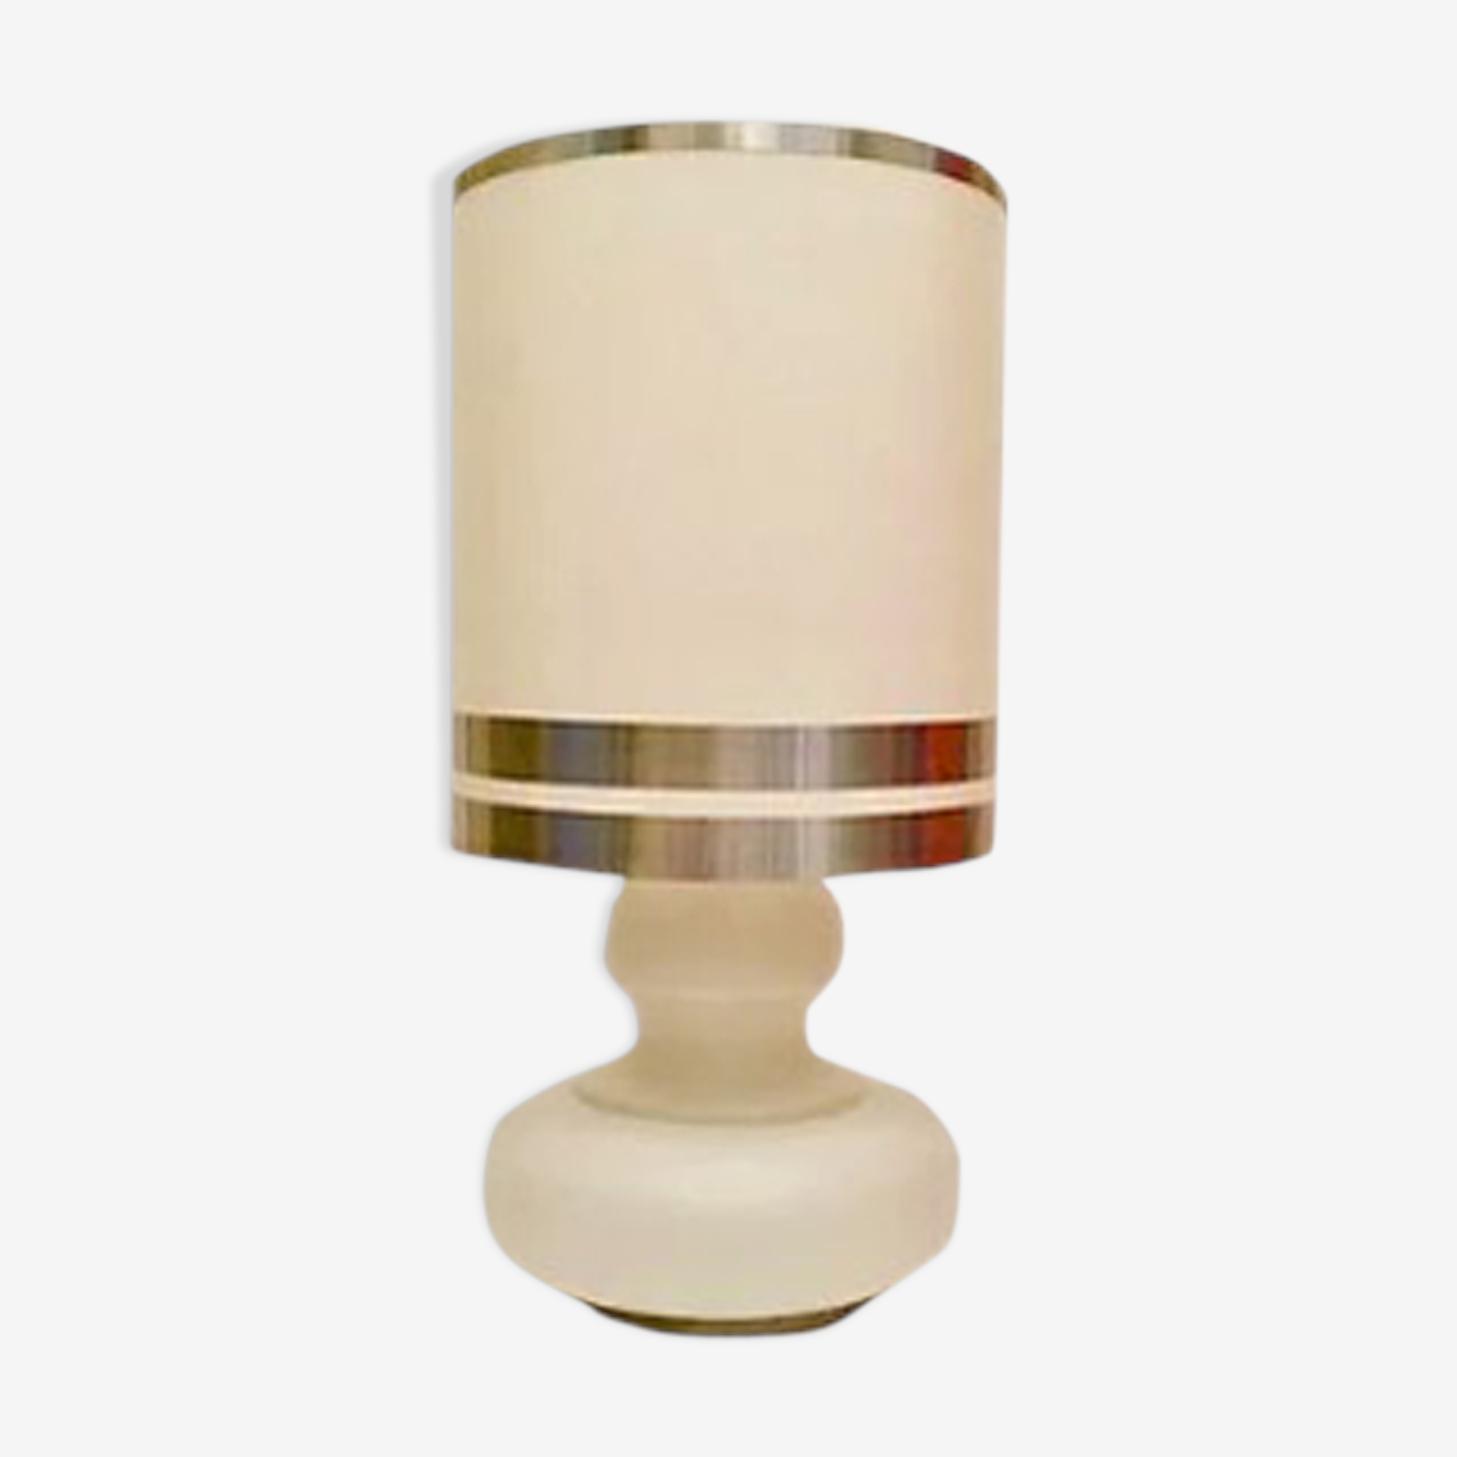 Lampe blanche années 70